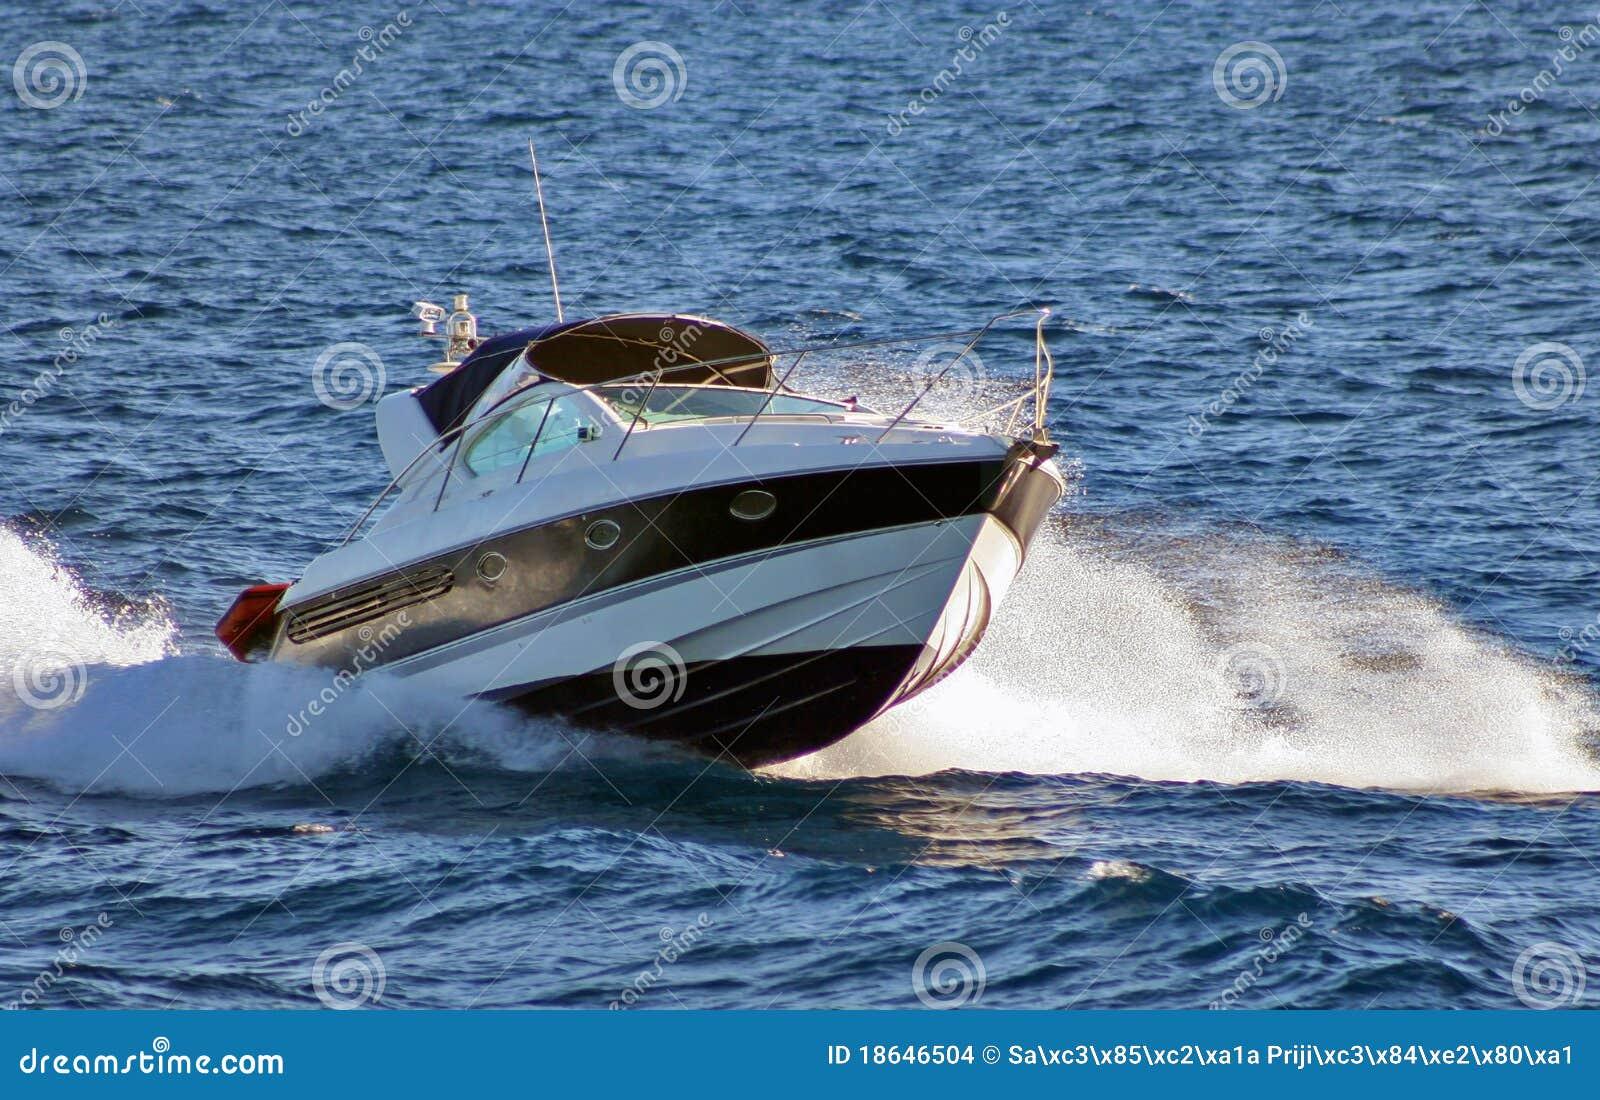 De Boot van de snelheid